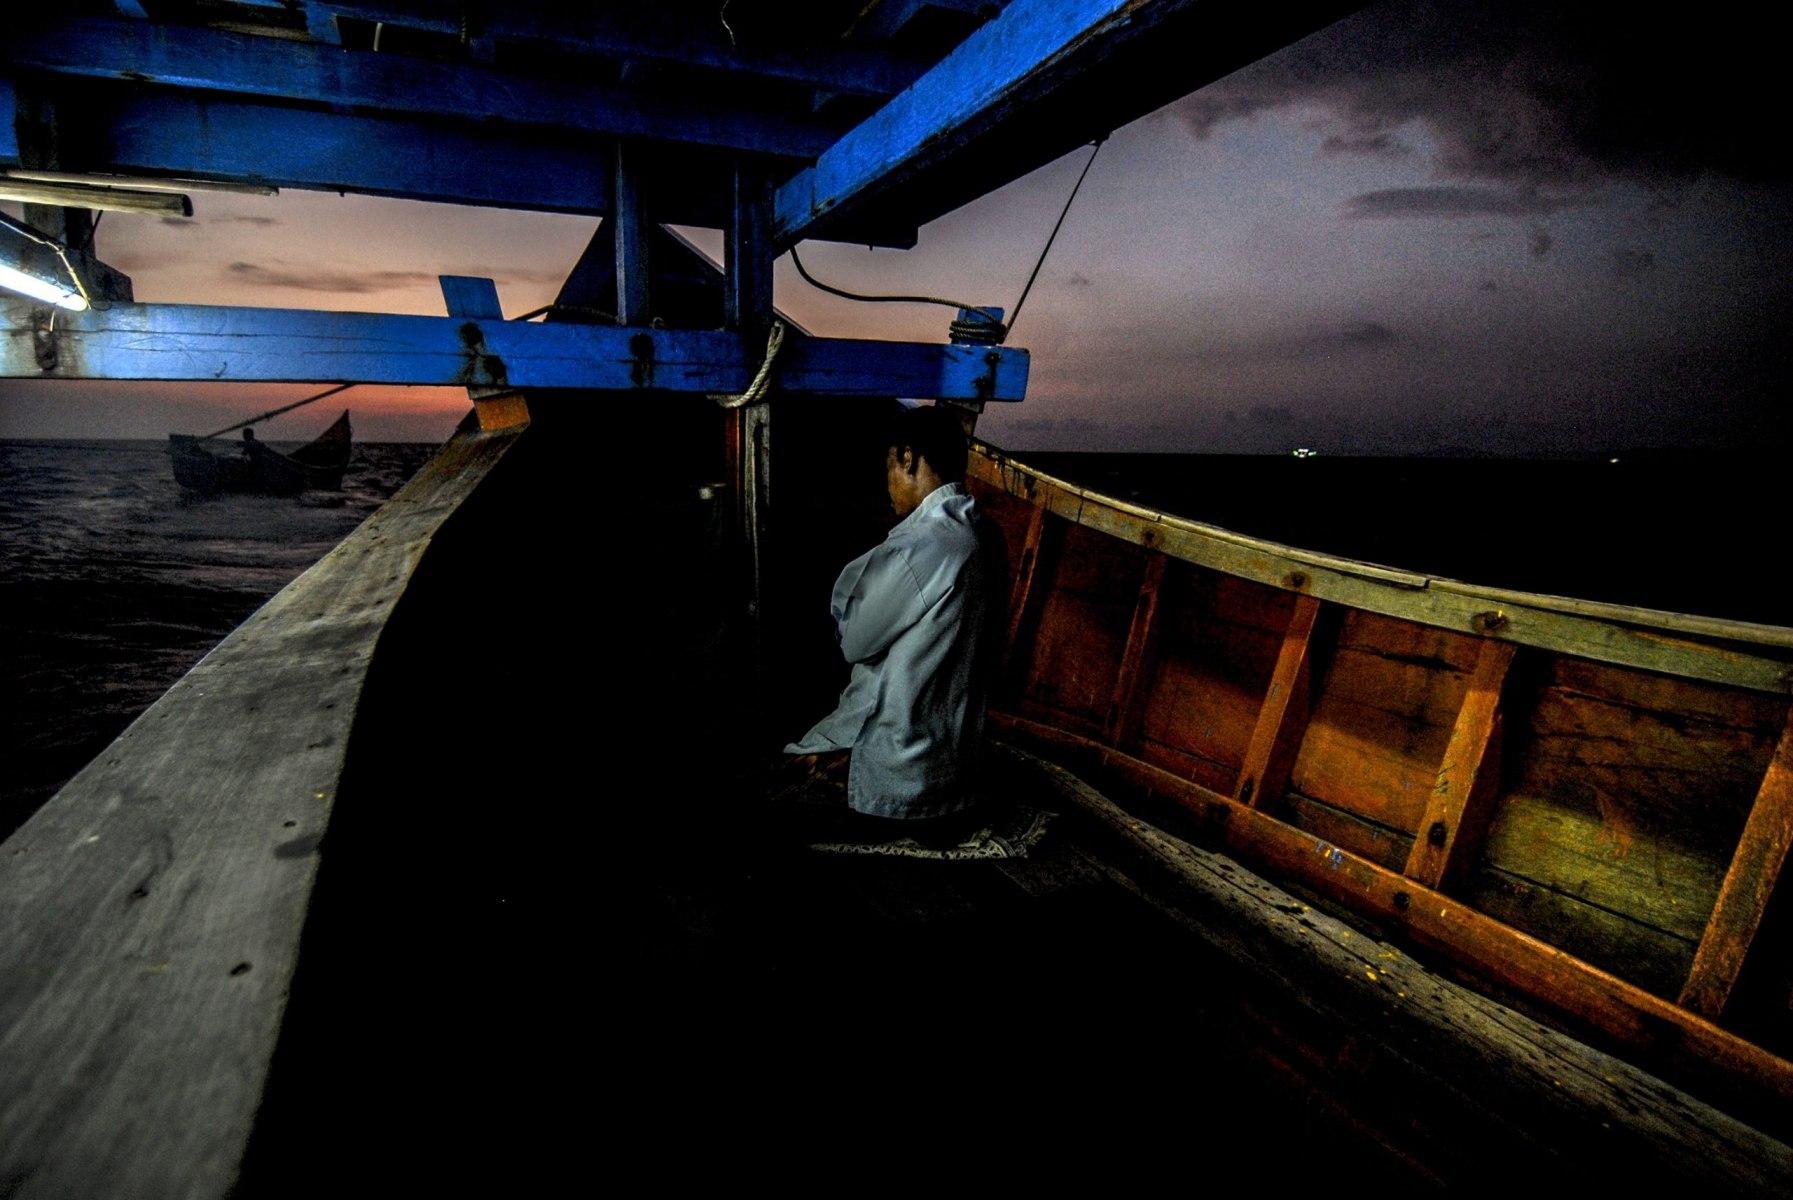 Zainal (53), melaksanakan ibadah shalat maghrib di dalam kapal palong dalam perjalanan menuju laut, Jumat (13/4/2018).